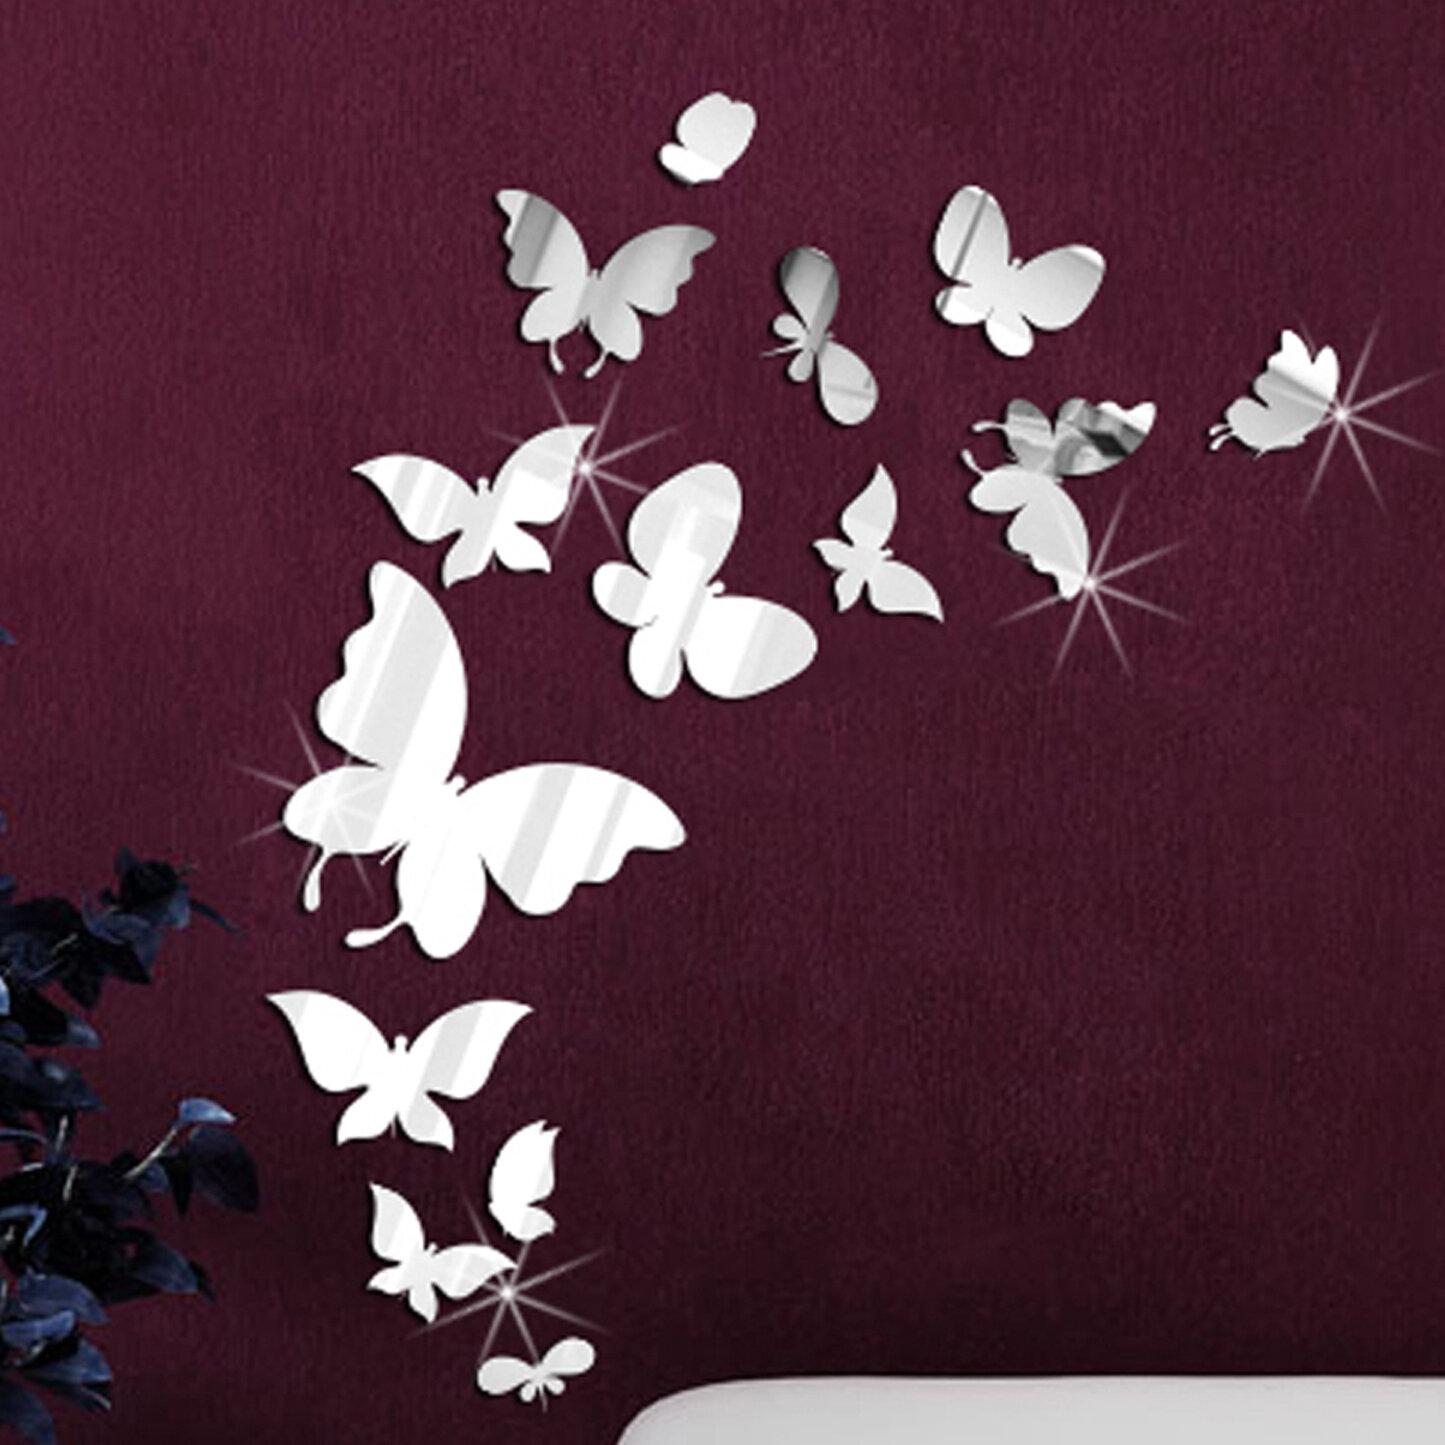 Walplus 14 Mirror Butterflies Wall Art Decal Reviews